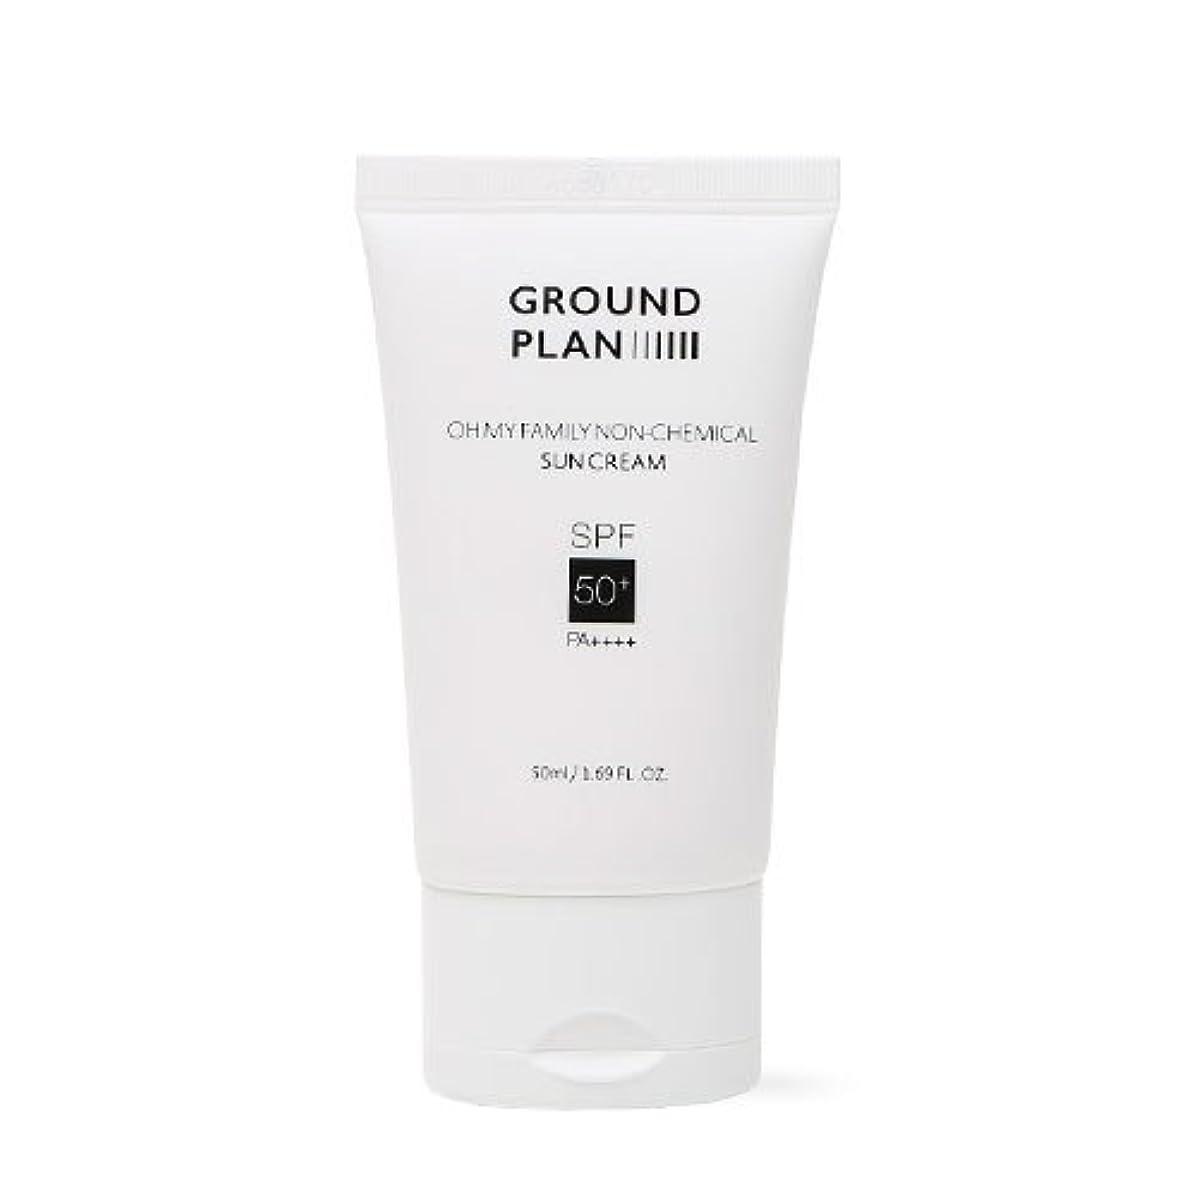 報酬の情熱的洗練[GROUND PLAN] Oh My Family Non-Chemical Sun Cream 50ml グラウンドプランファミリーノンケミカルサンクリーム [並行輸入品]